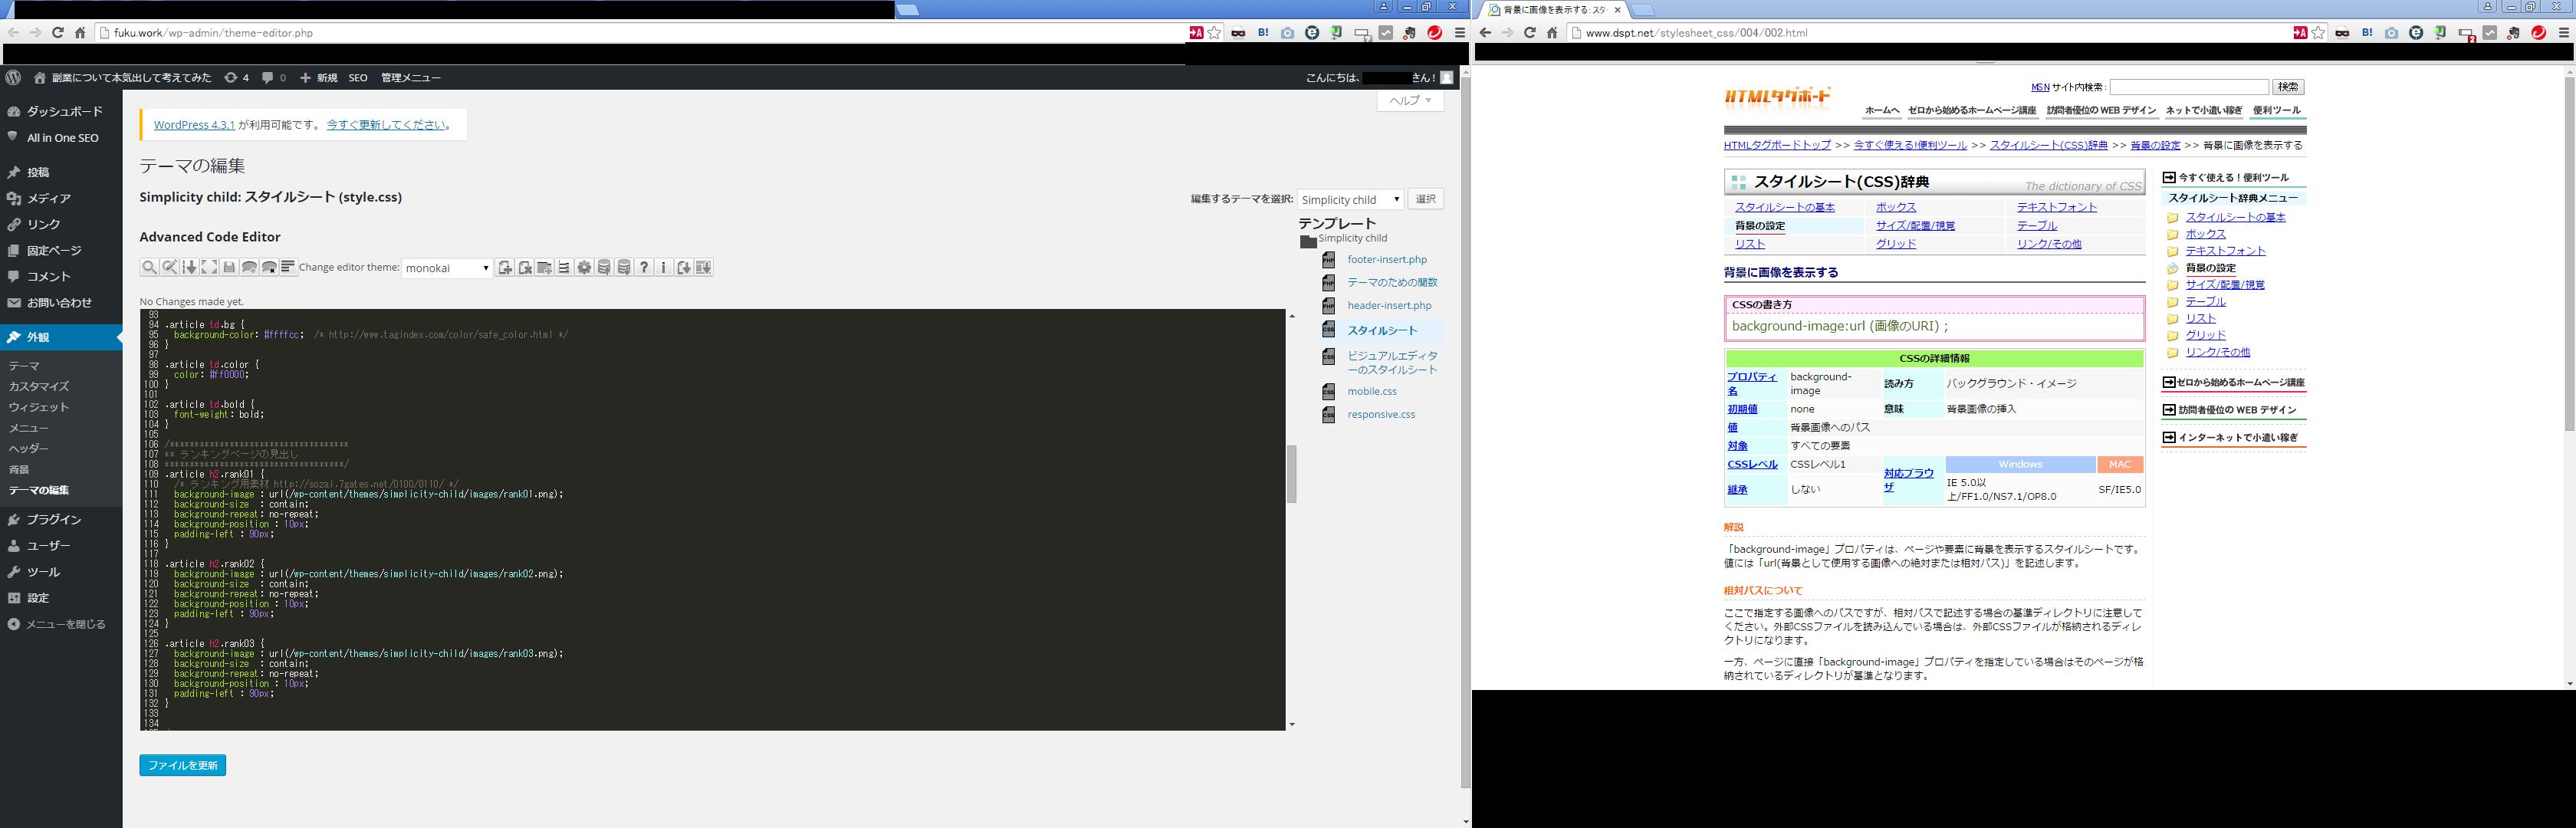 デュアルディスプレイを用いたCSSの編集作業